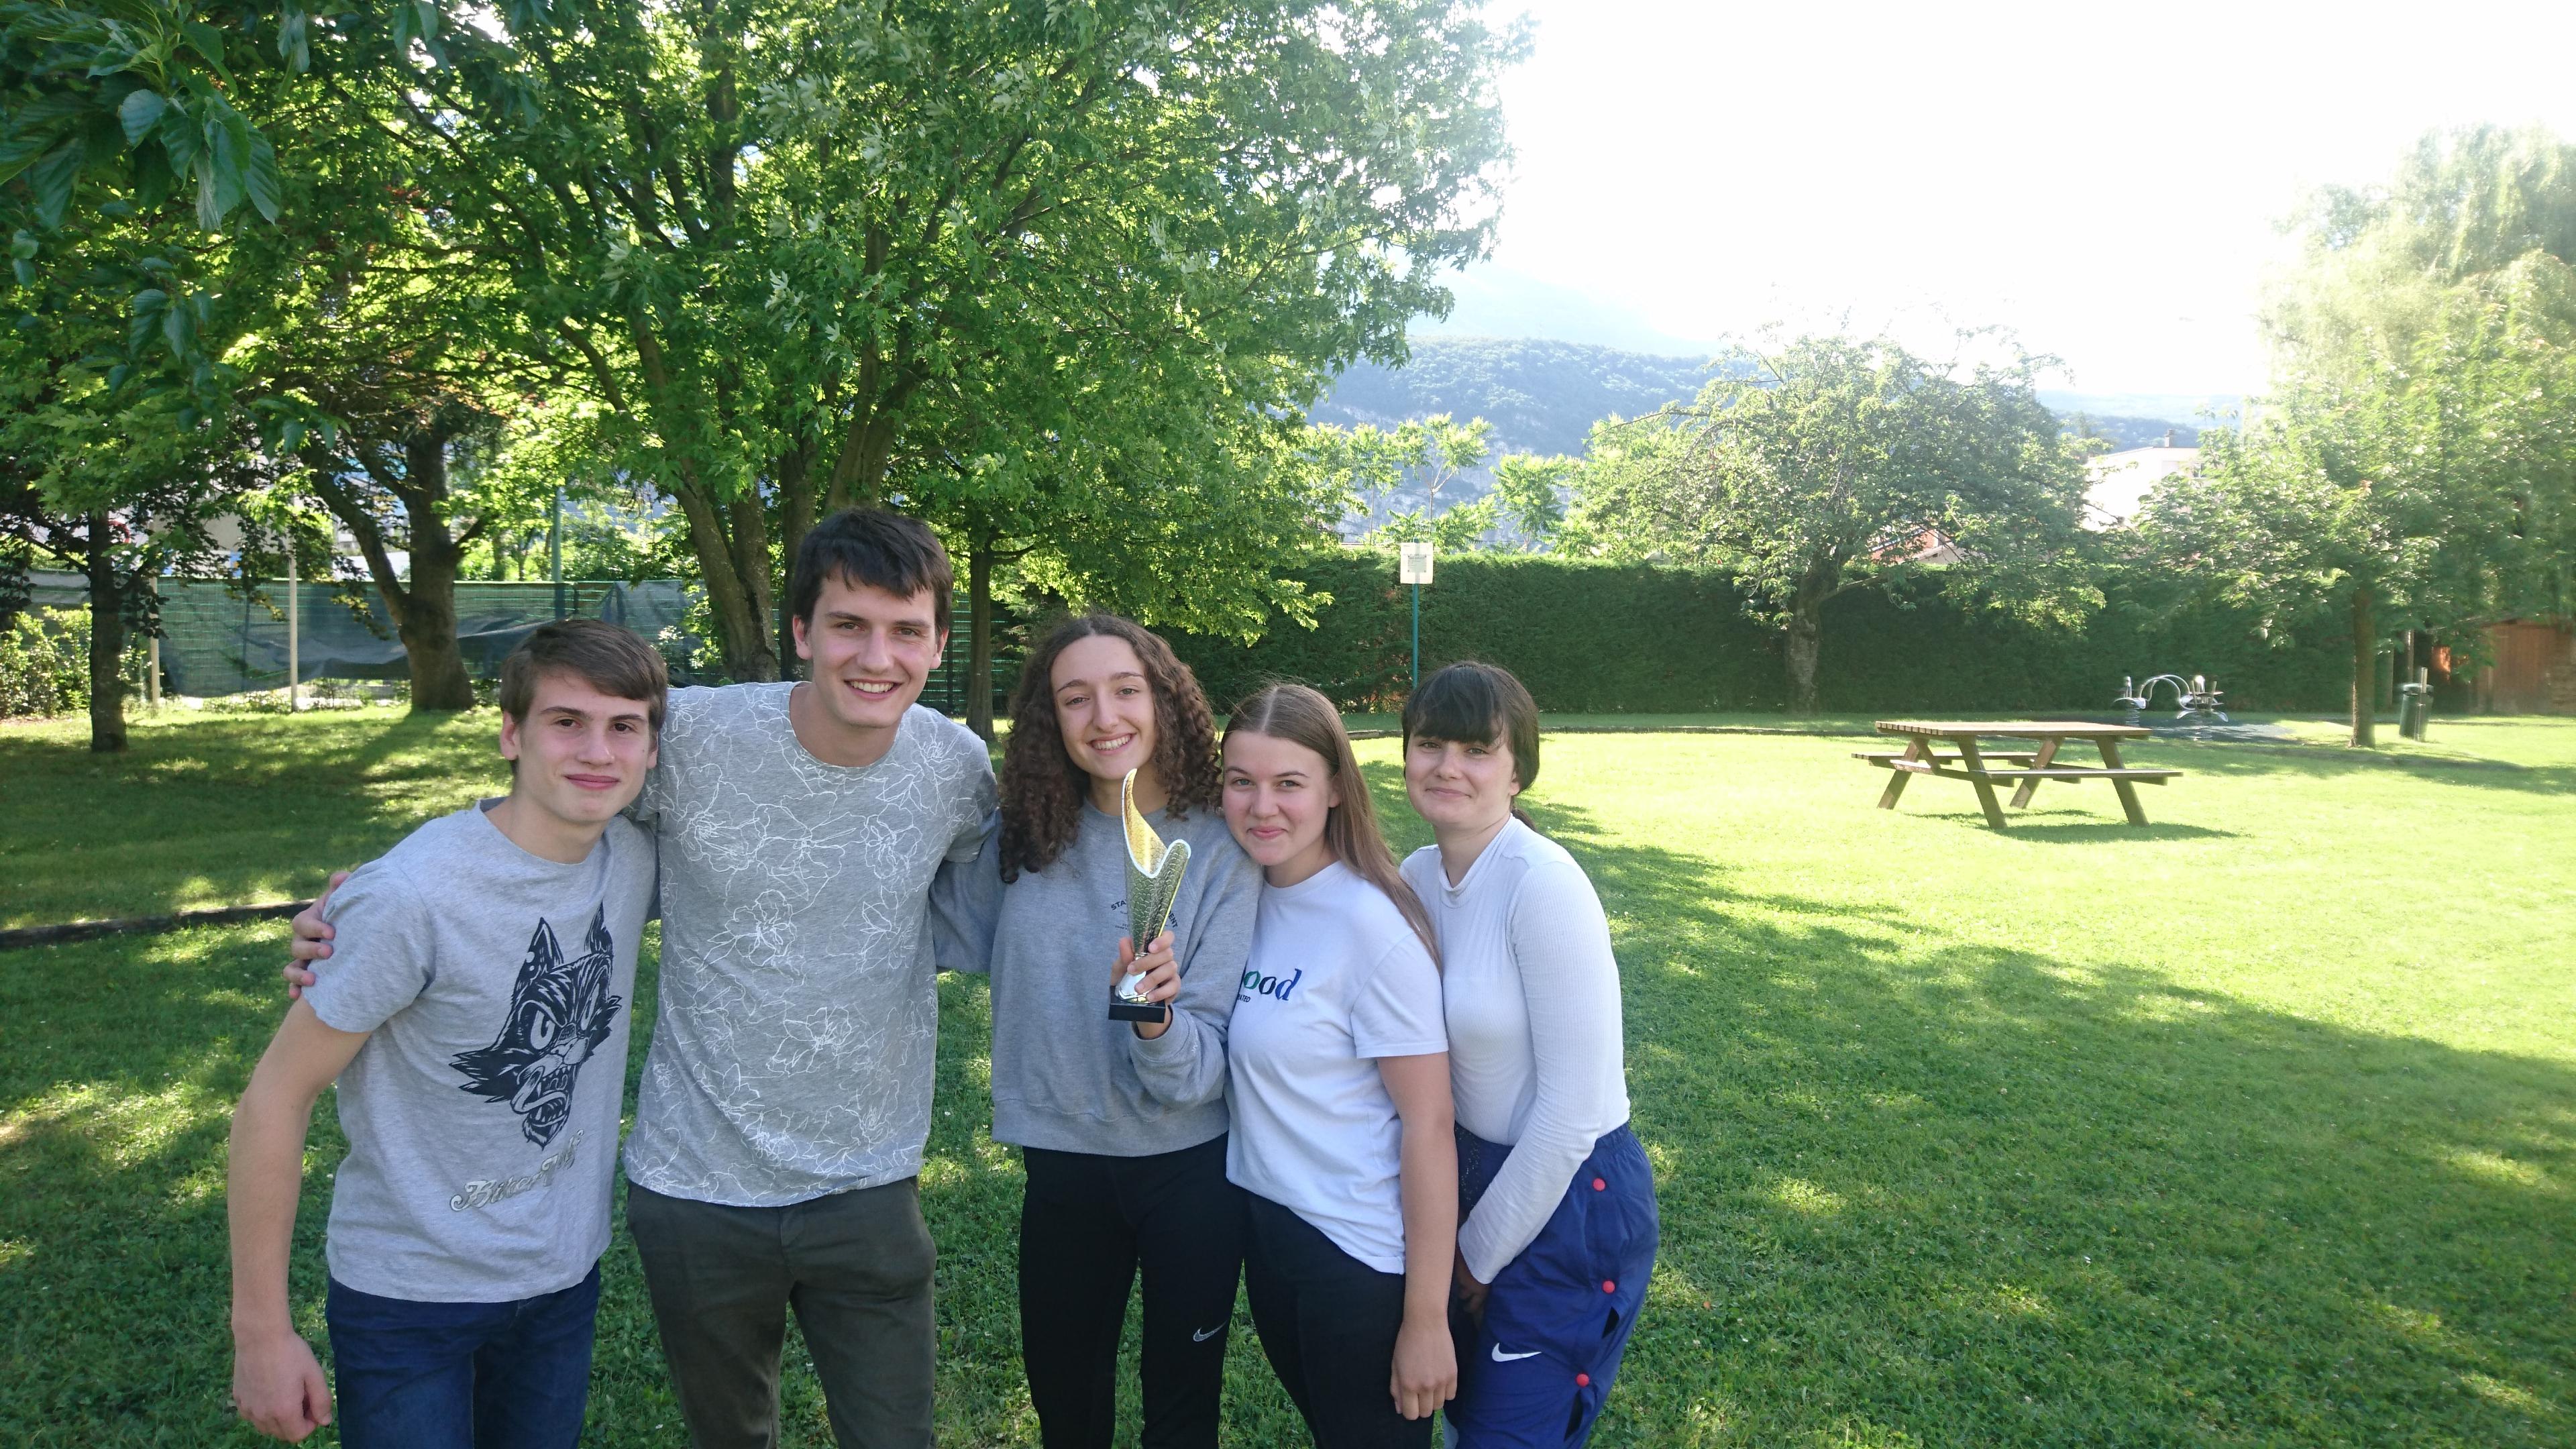 Les jeunes de Bourg-en-Bresse